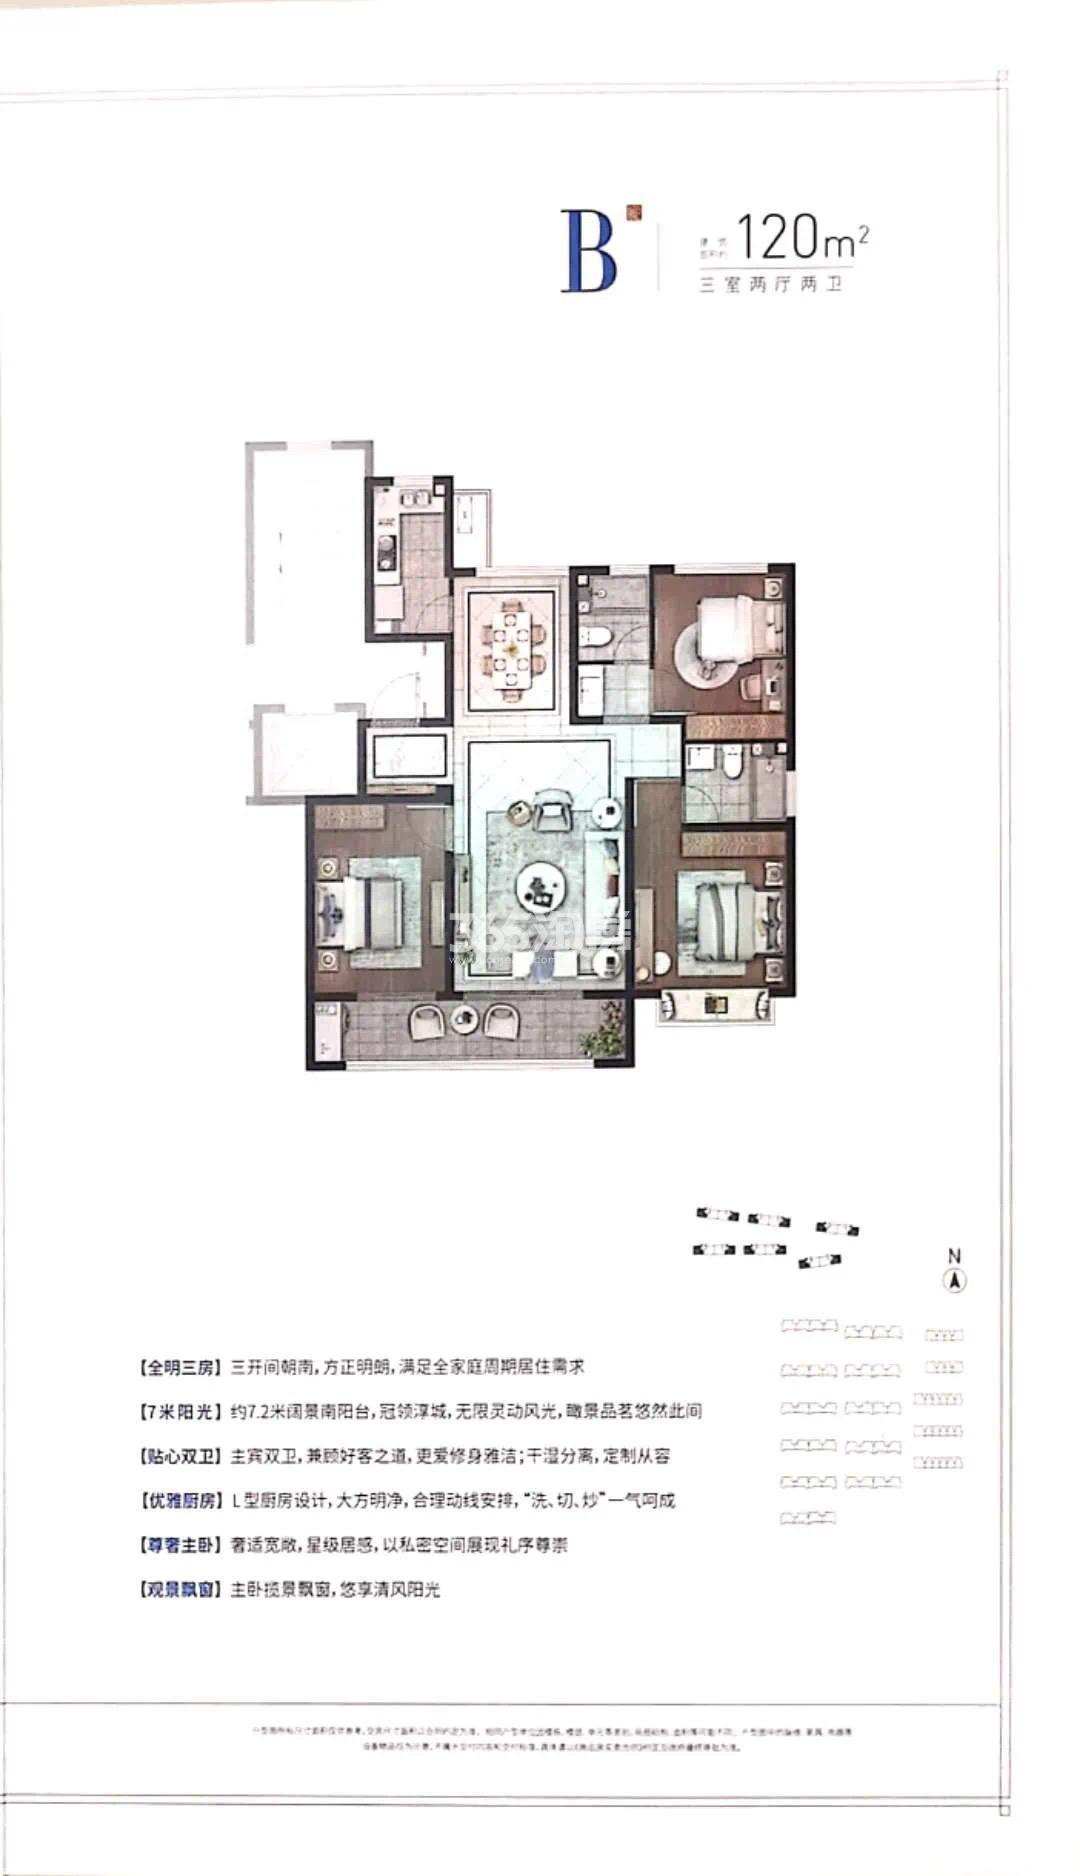 華宸院120㎡B户型图